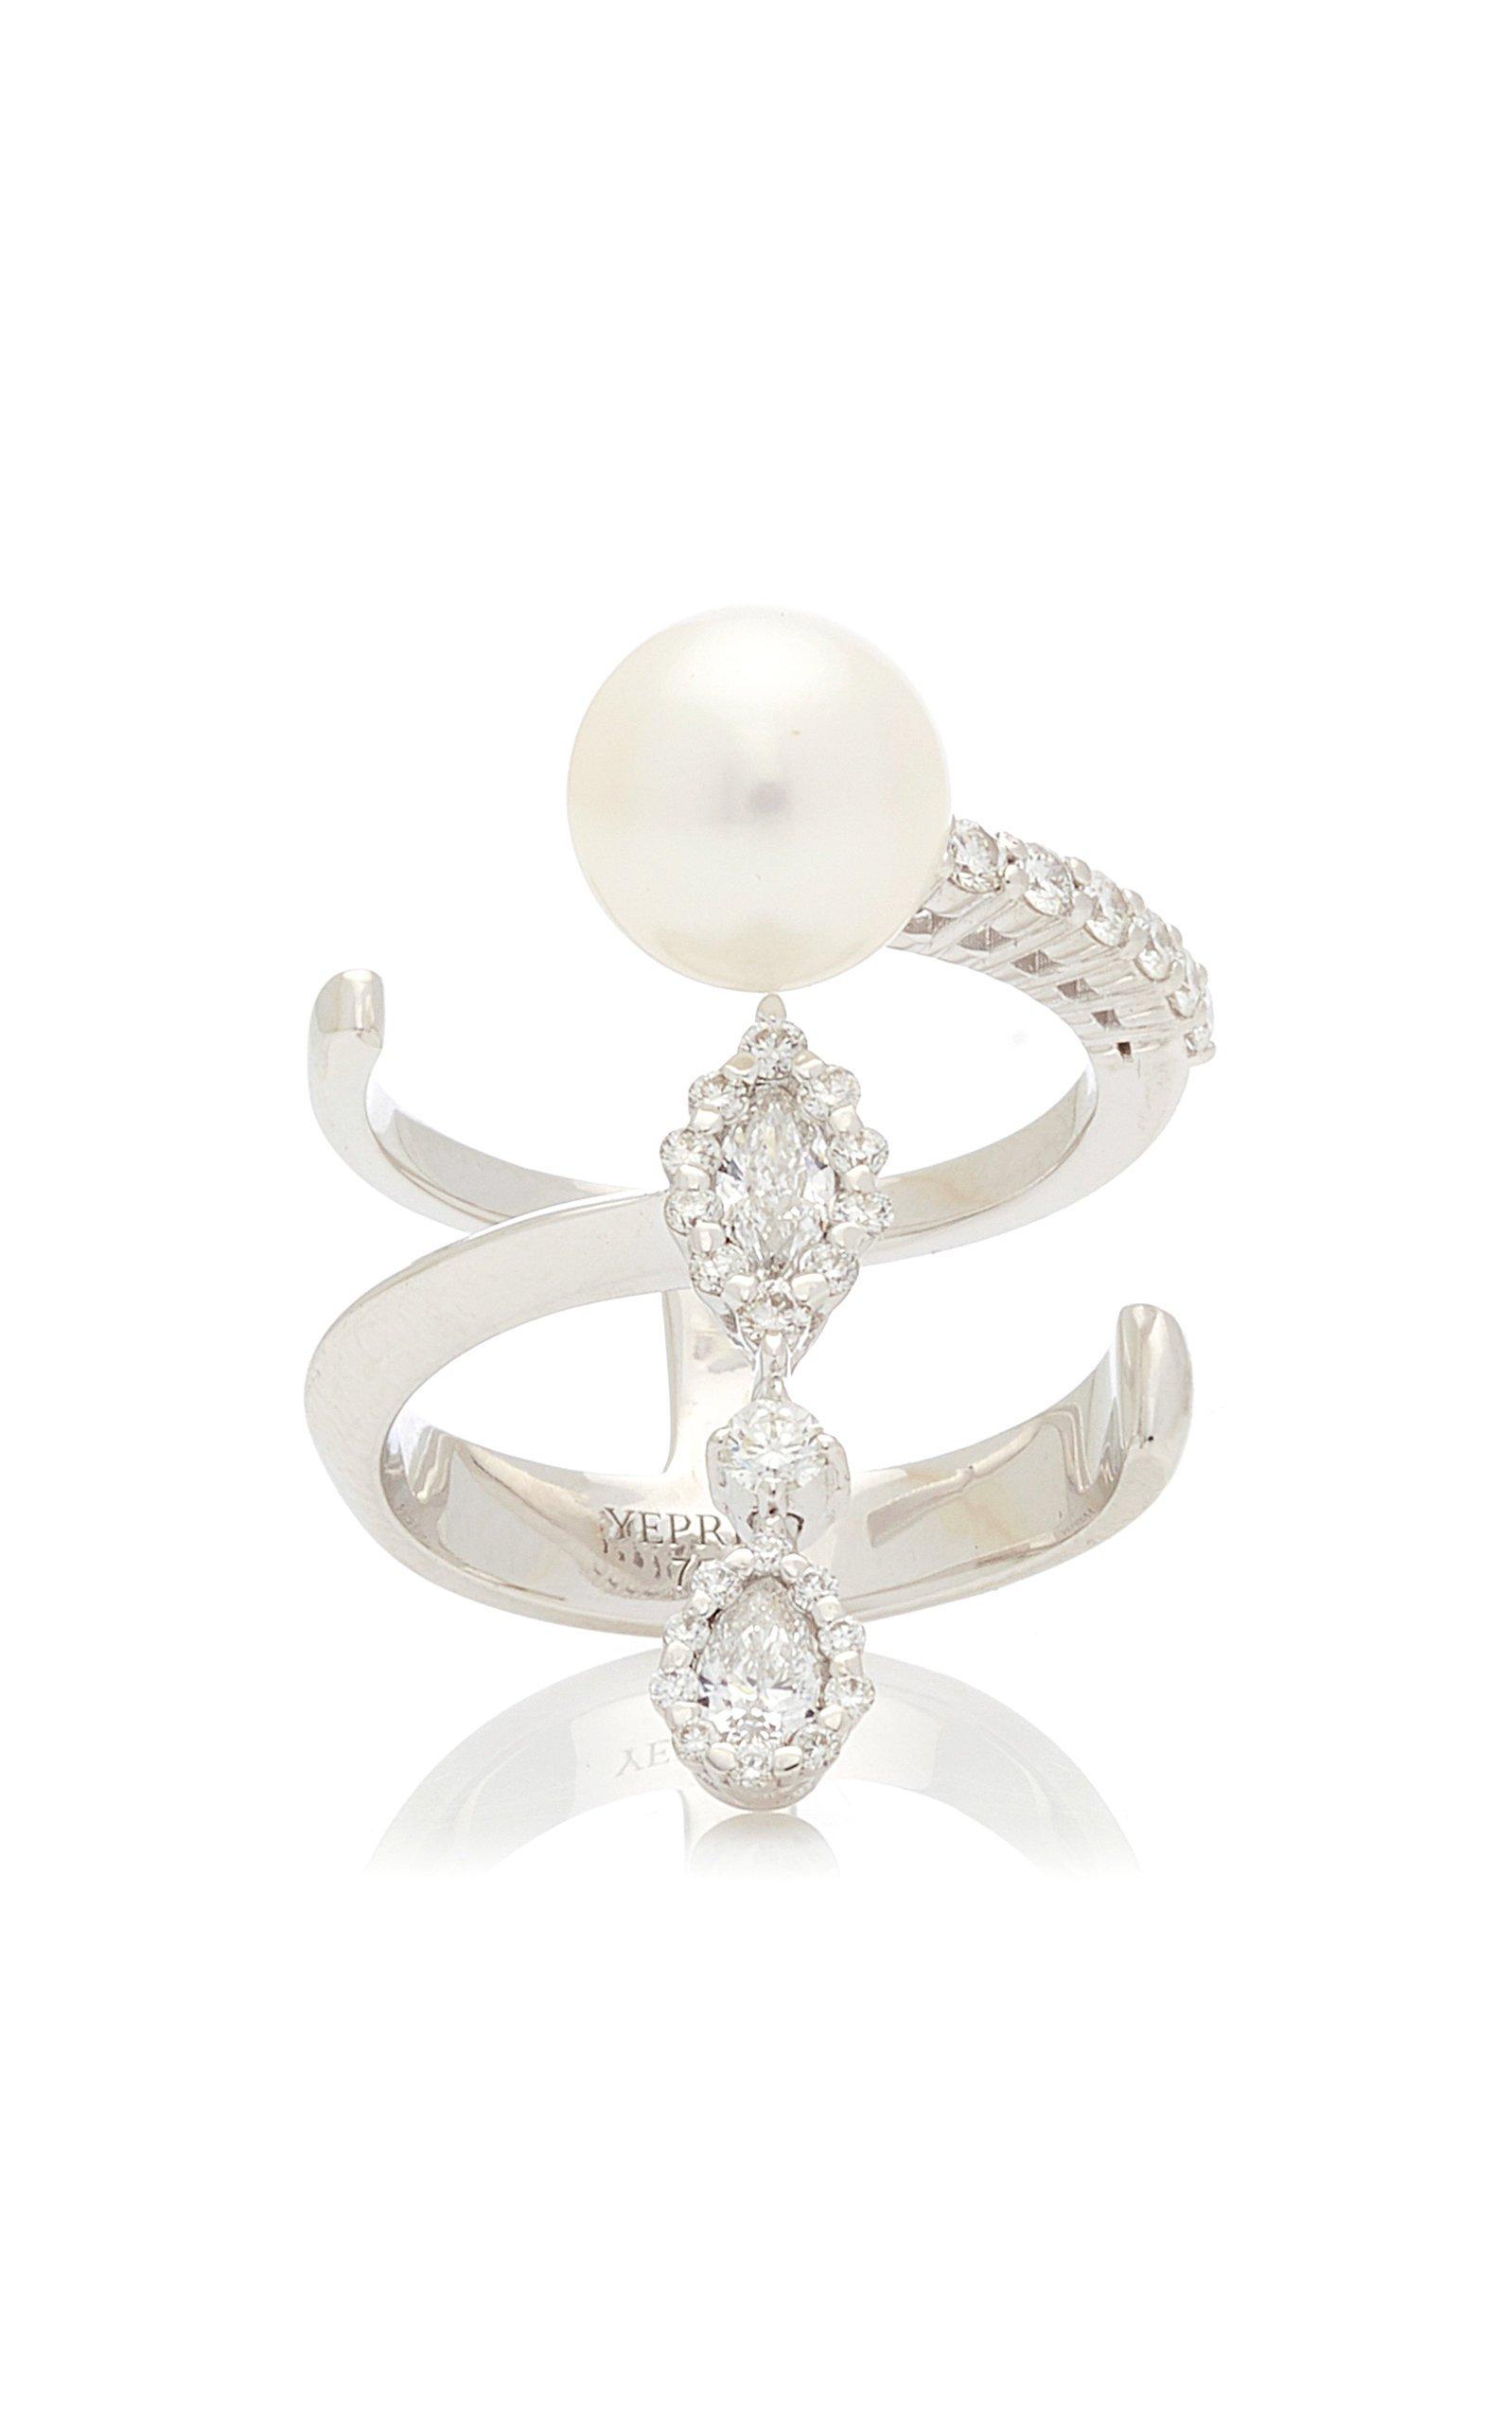 Yeprem 18K White Gold Electrified Ring Size: 7.75